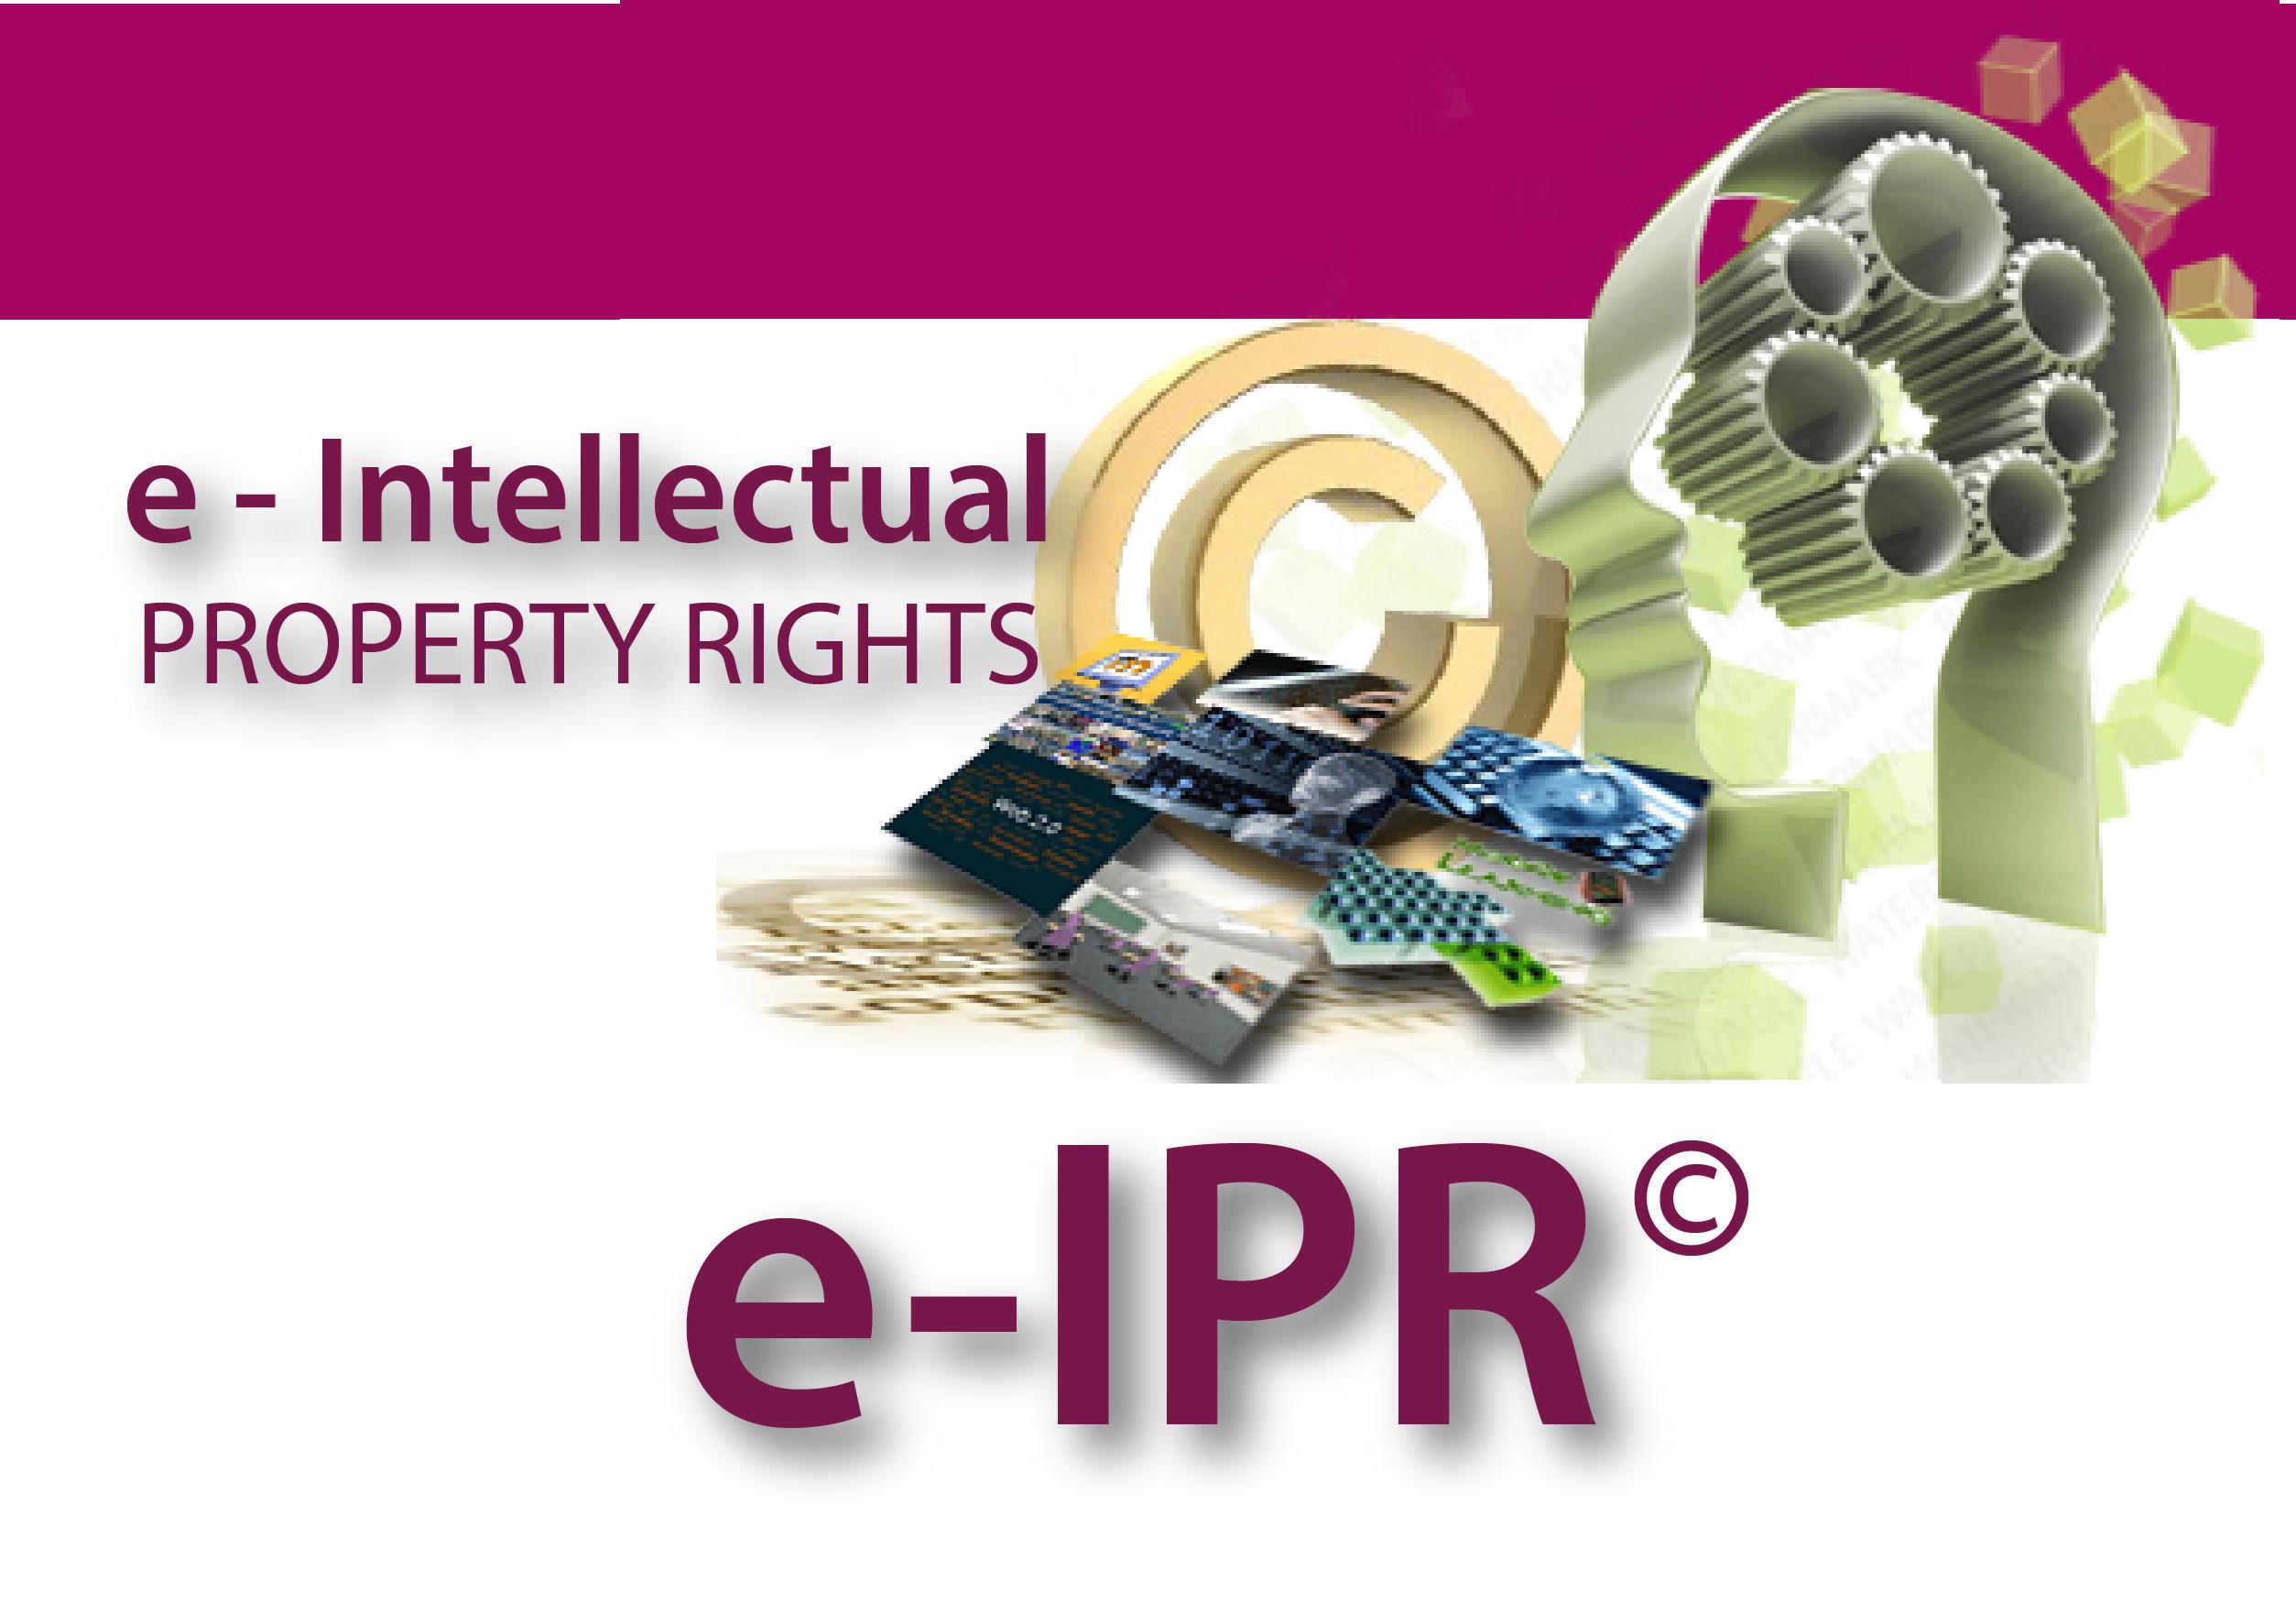 e-IPR